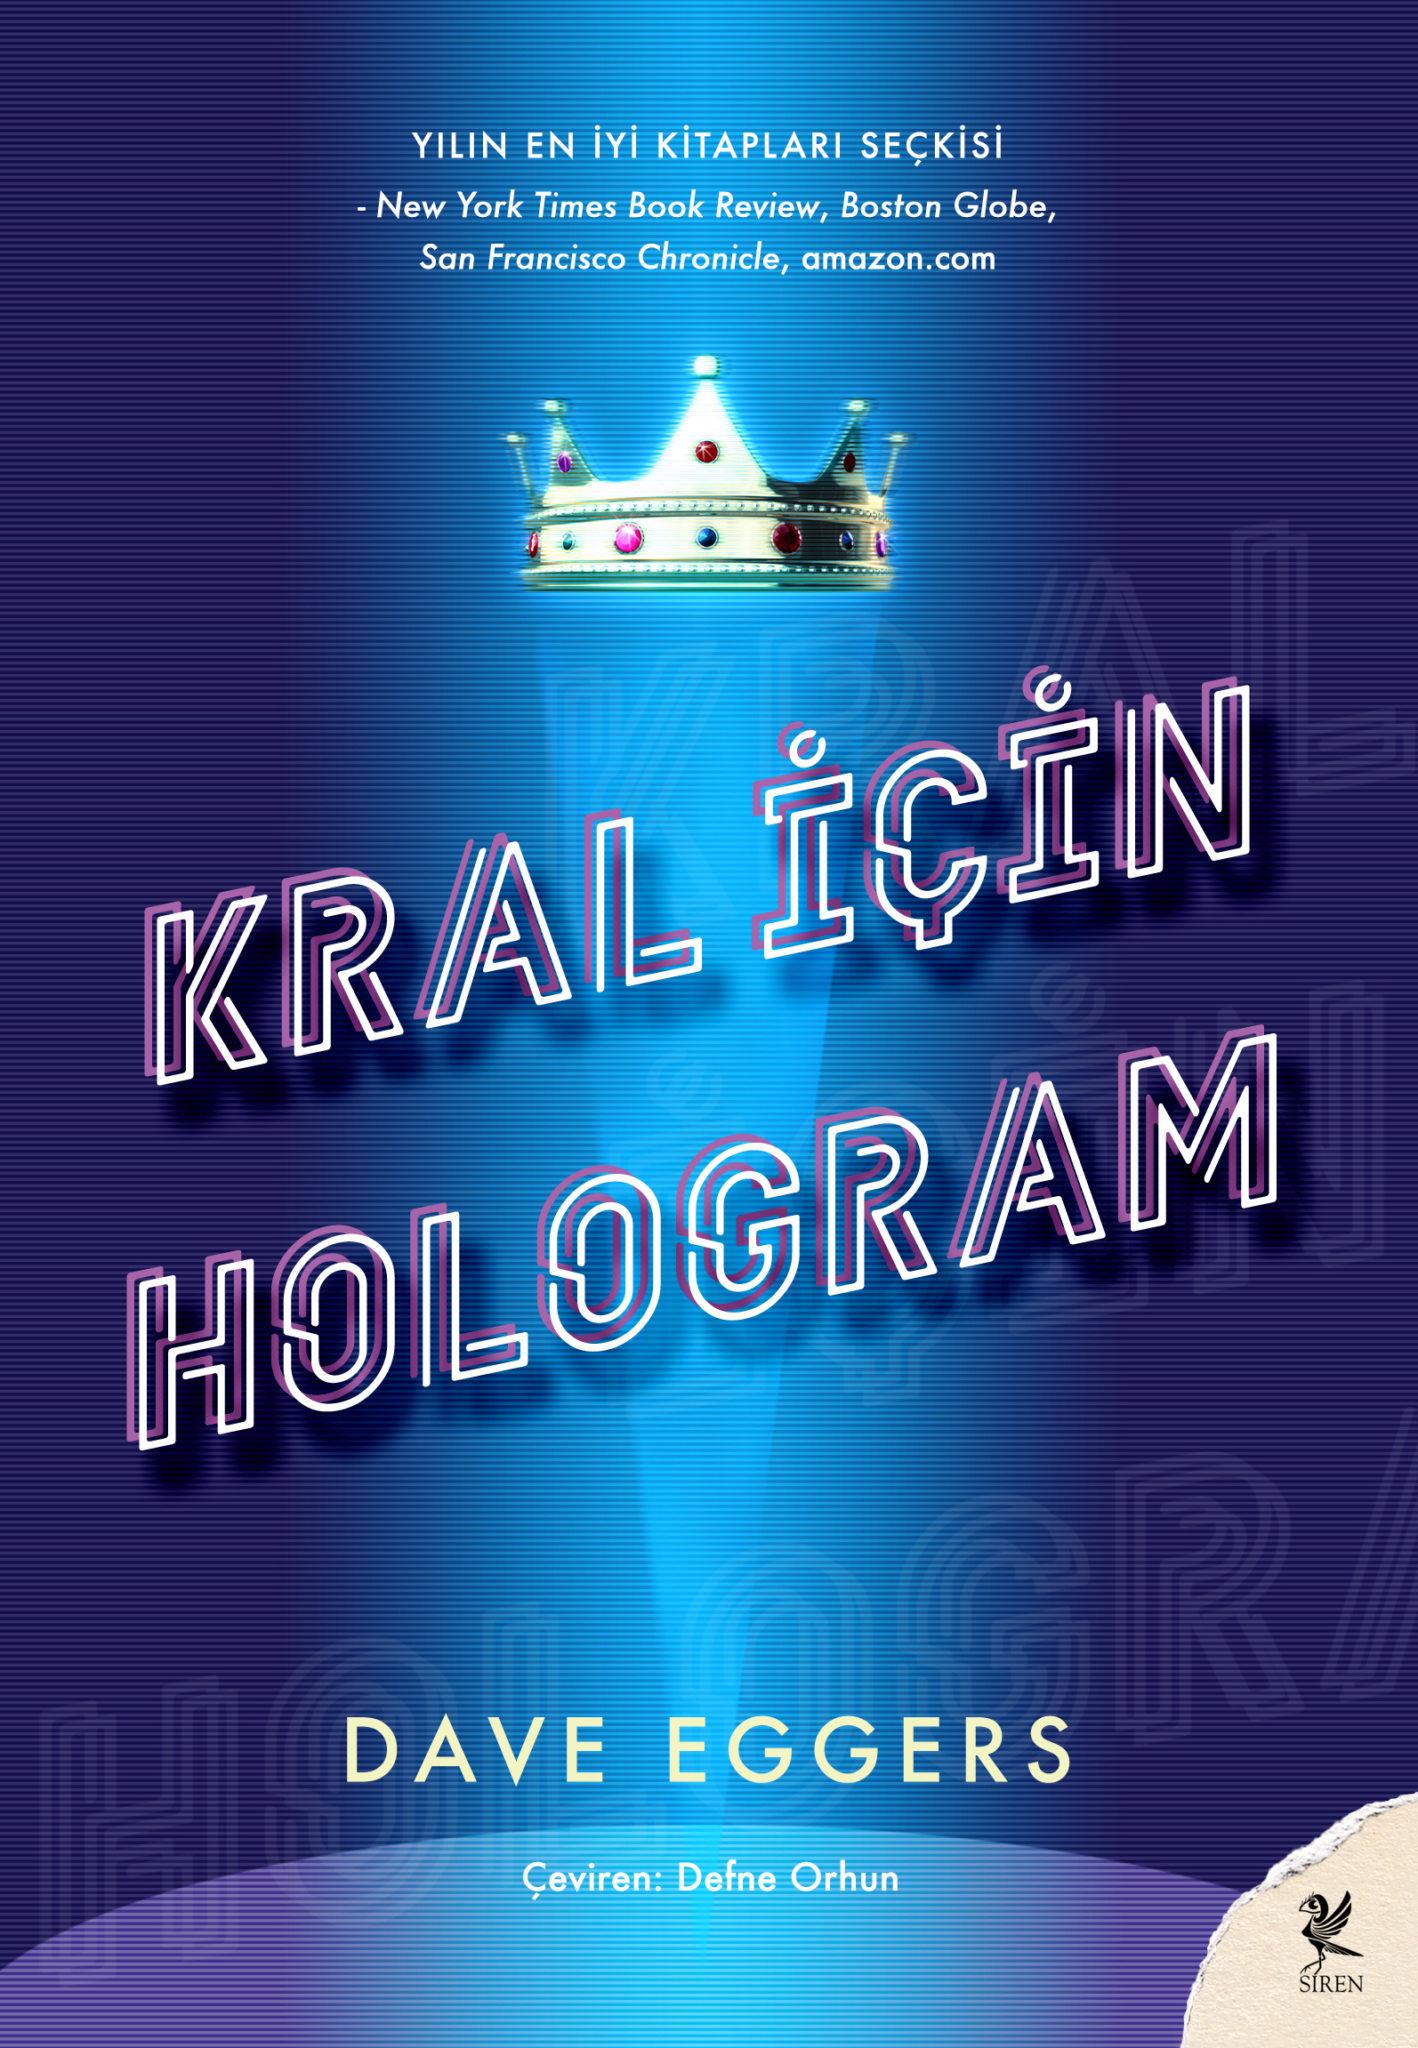 Kral İçin Hologram